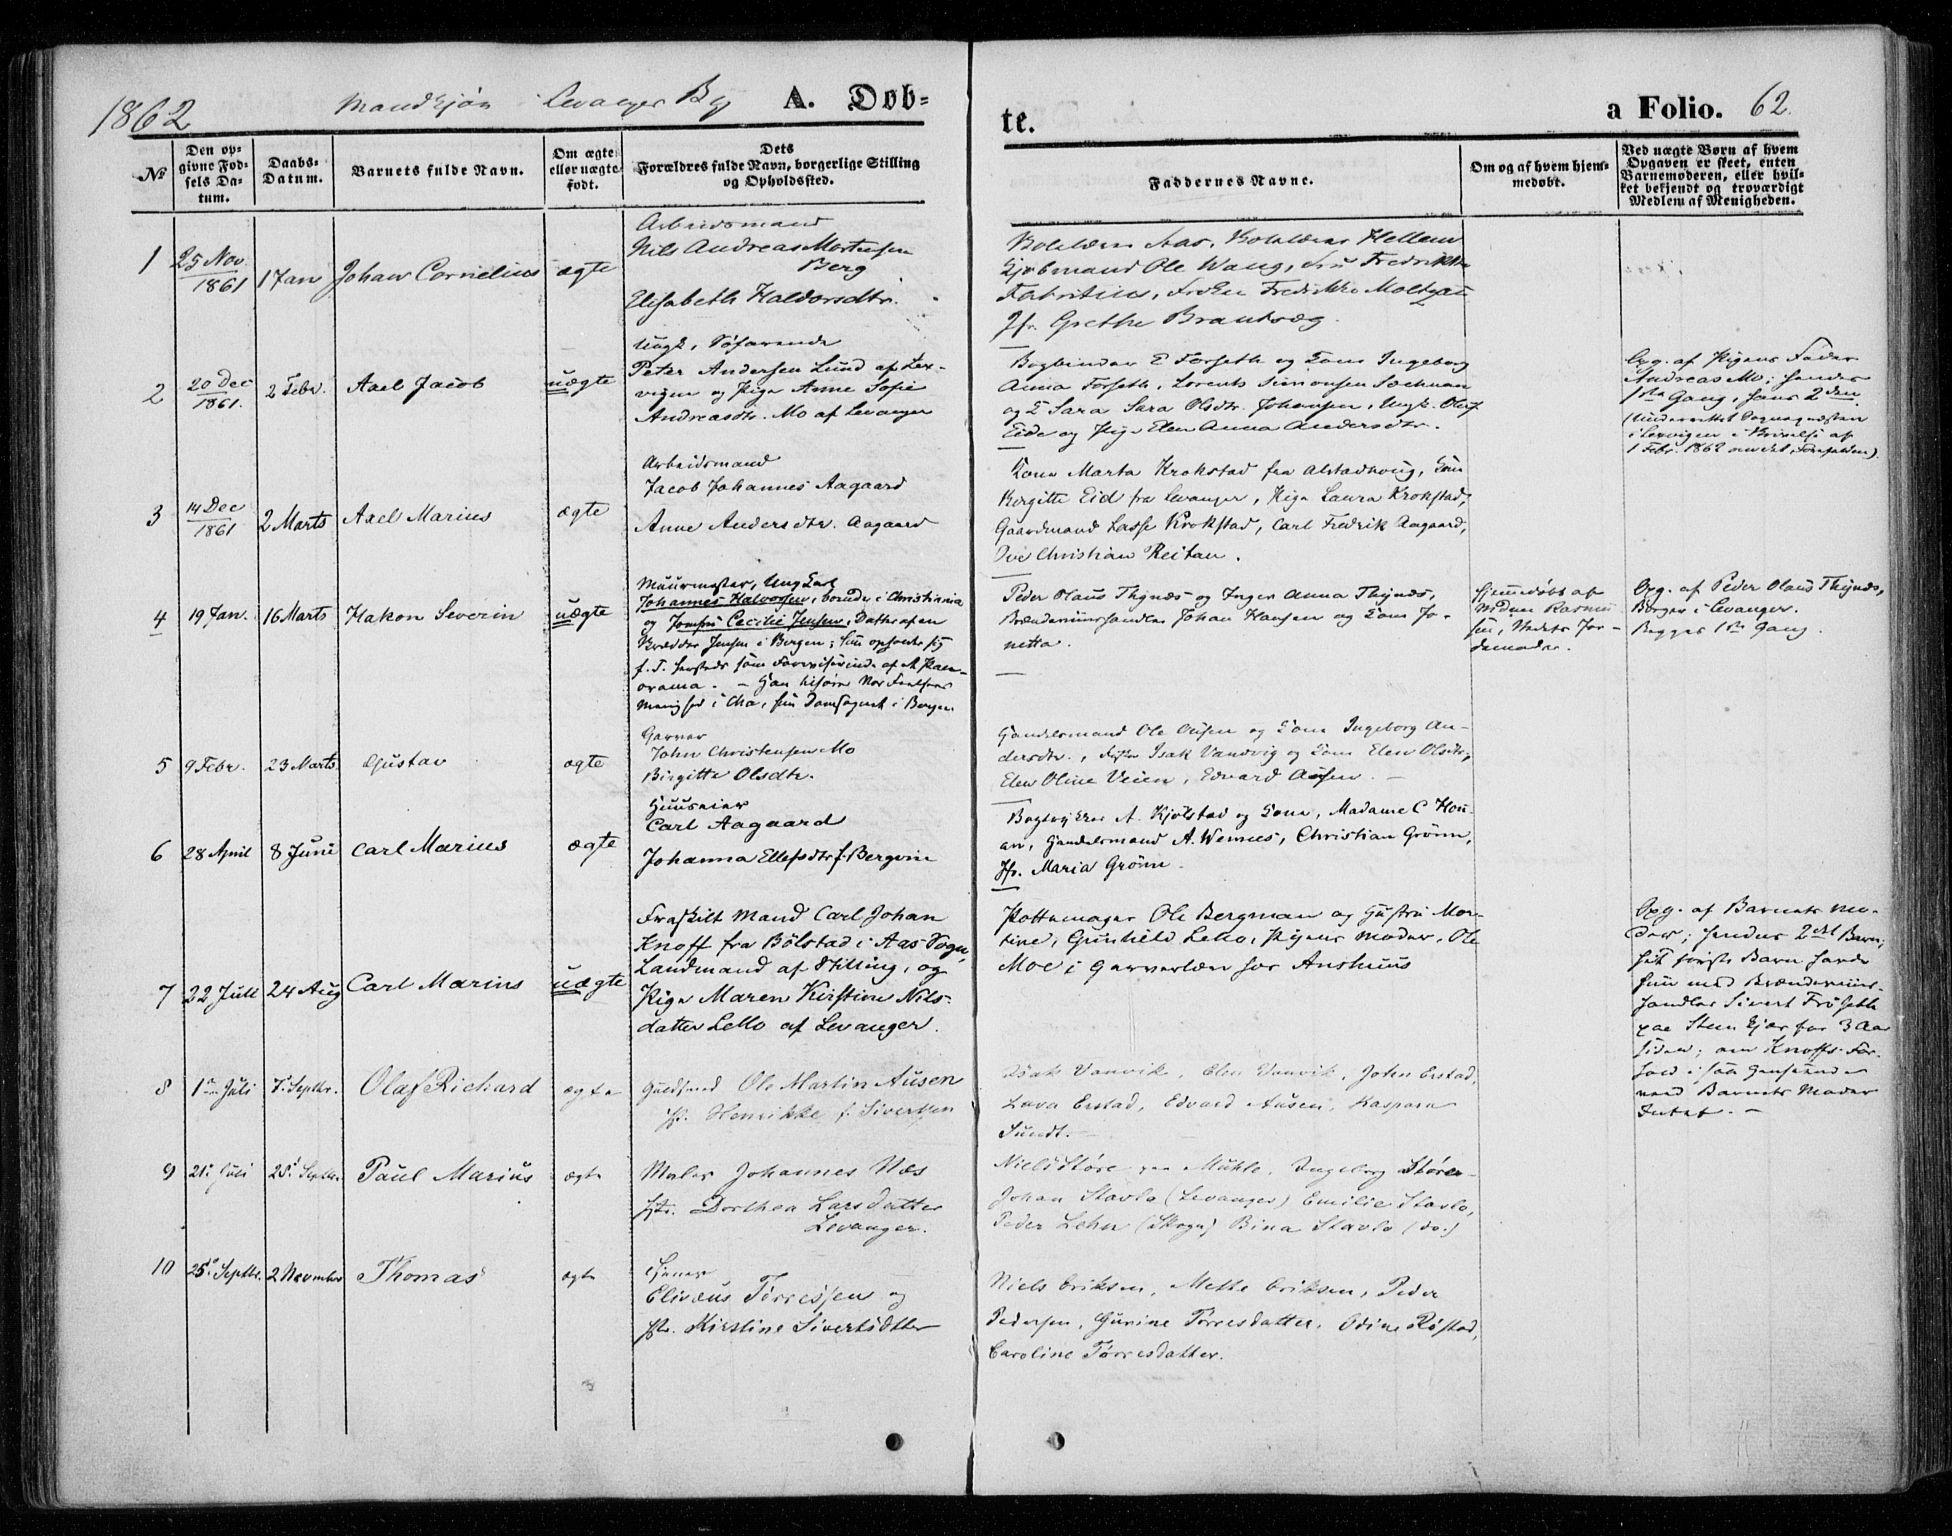 SAT, Ministerialprotokoller, klokkerbøker og fødselsregistre - Nord-Trøndelag, 720/L0184: Ministerialbok nr. 720A02 /1, 1855-1863, s. 62